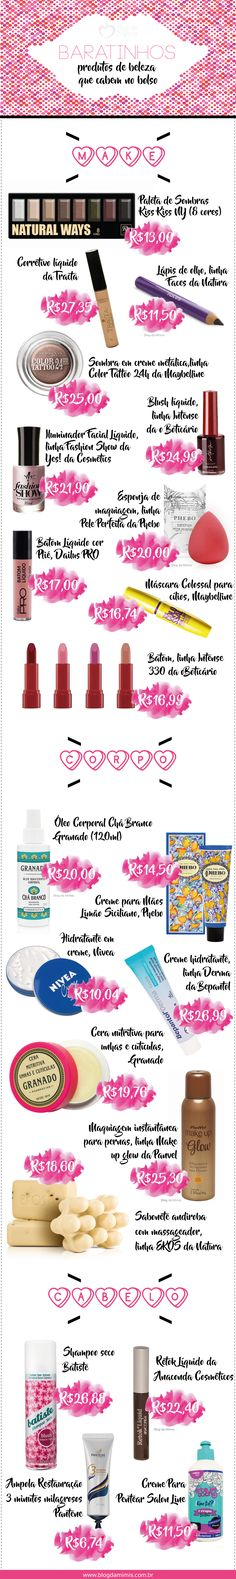 Baratinhos: produtos de beleza que cabem no bolso - Blog da Mimis - #beleza…